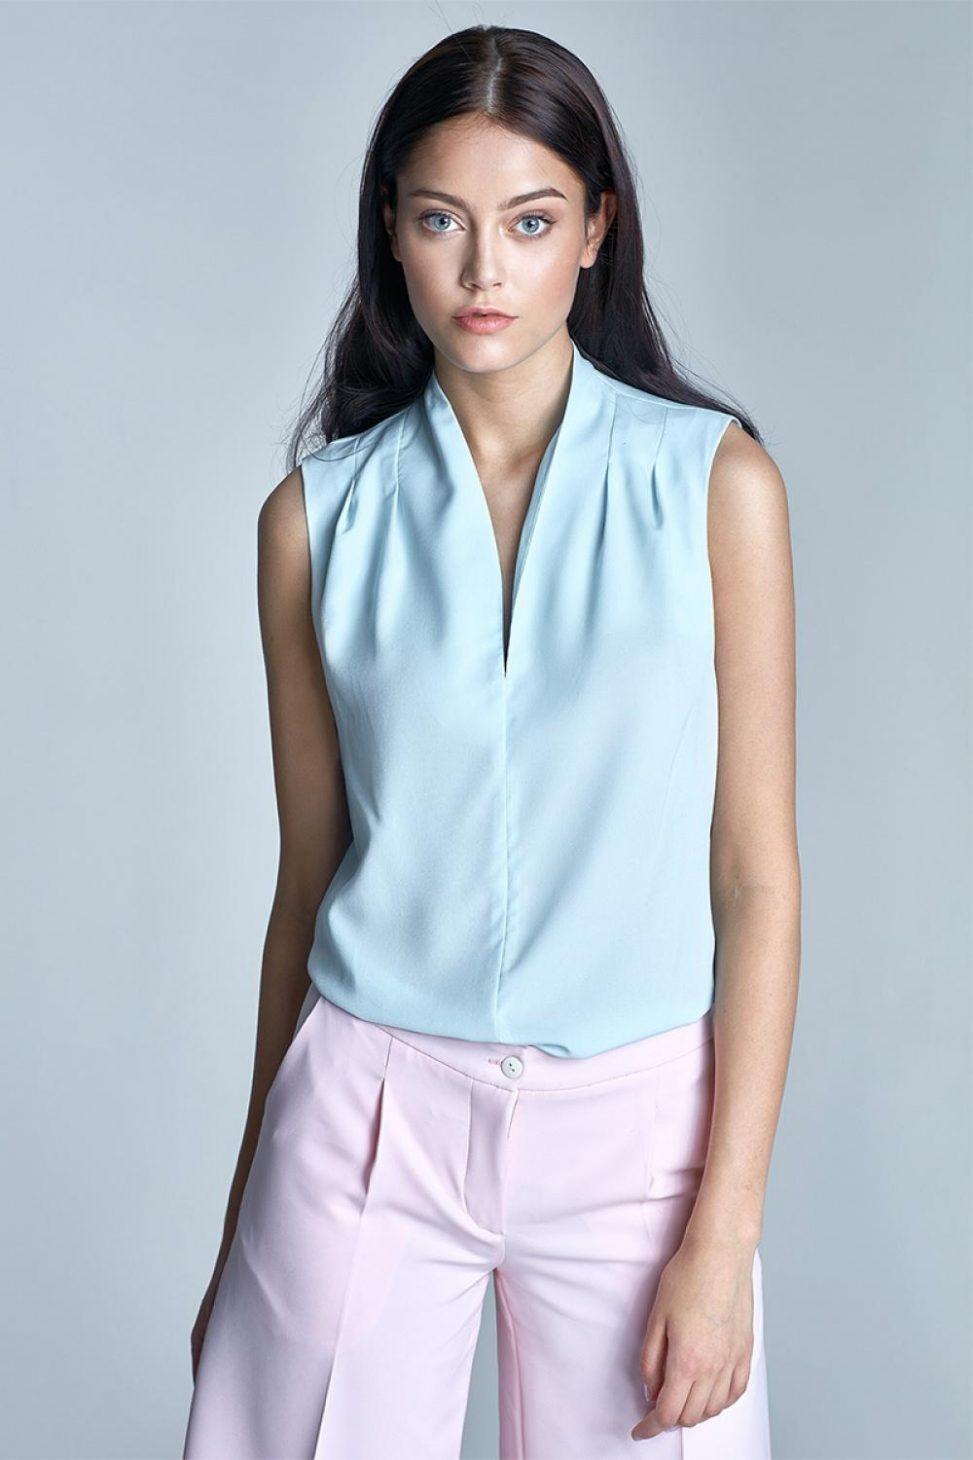 Błękitna letnia elegancka bluzka bez rękawów